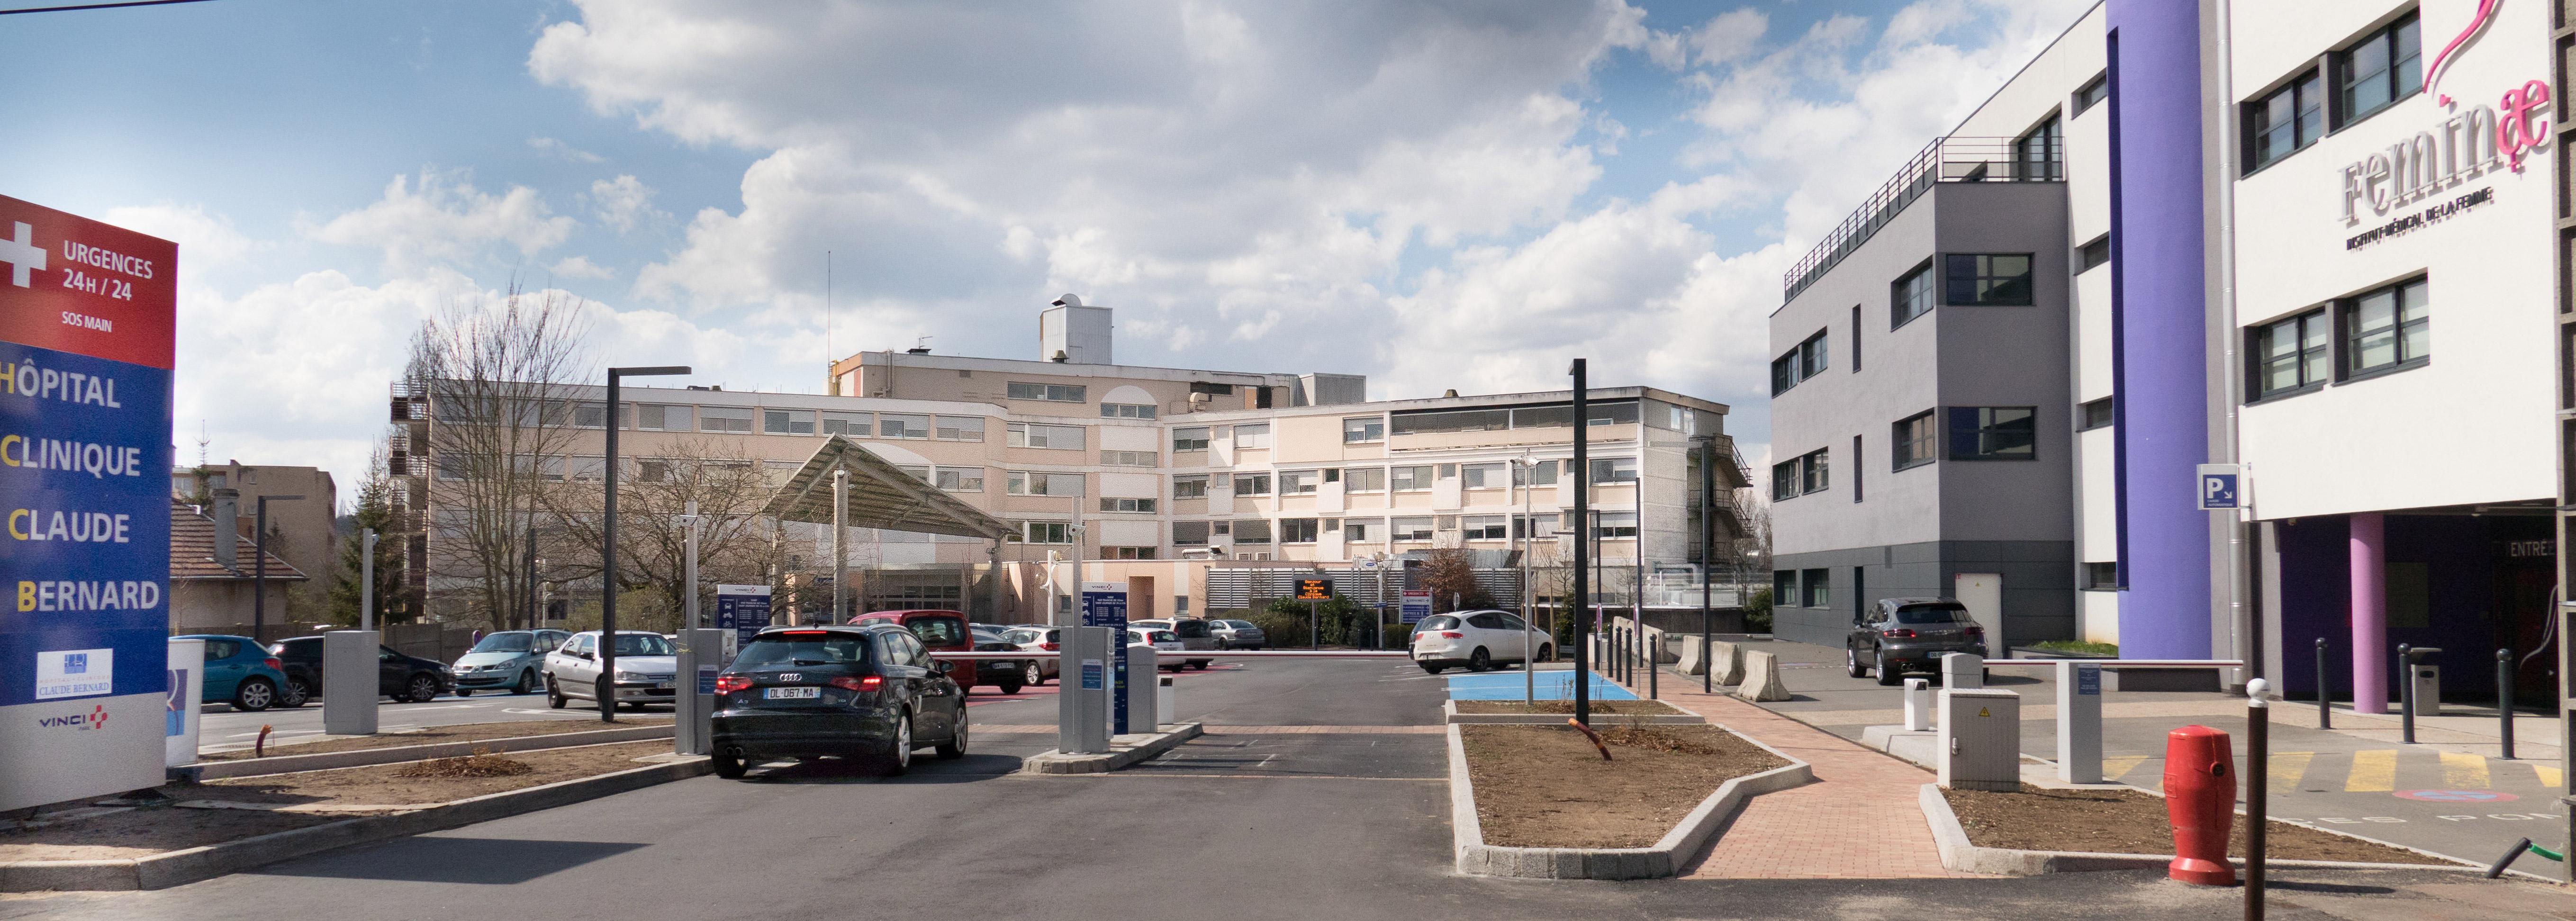 Clinique claude bernard metz - Centre claude bernard guilherand granges ...